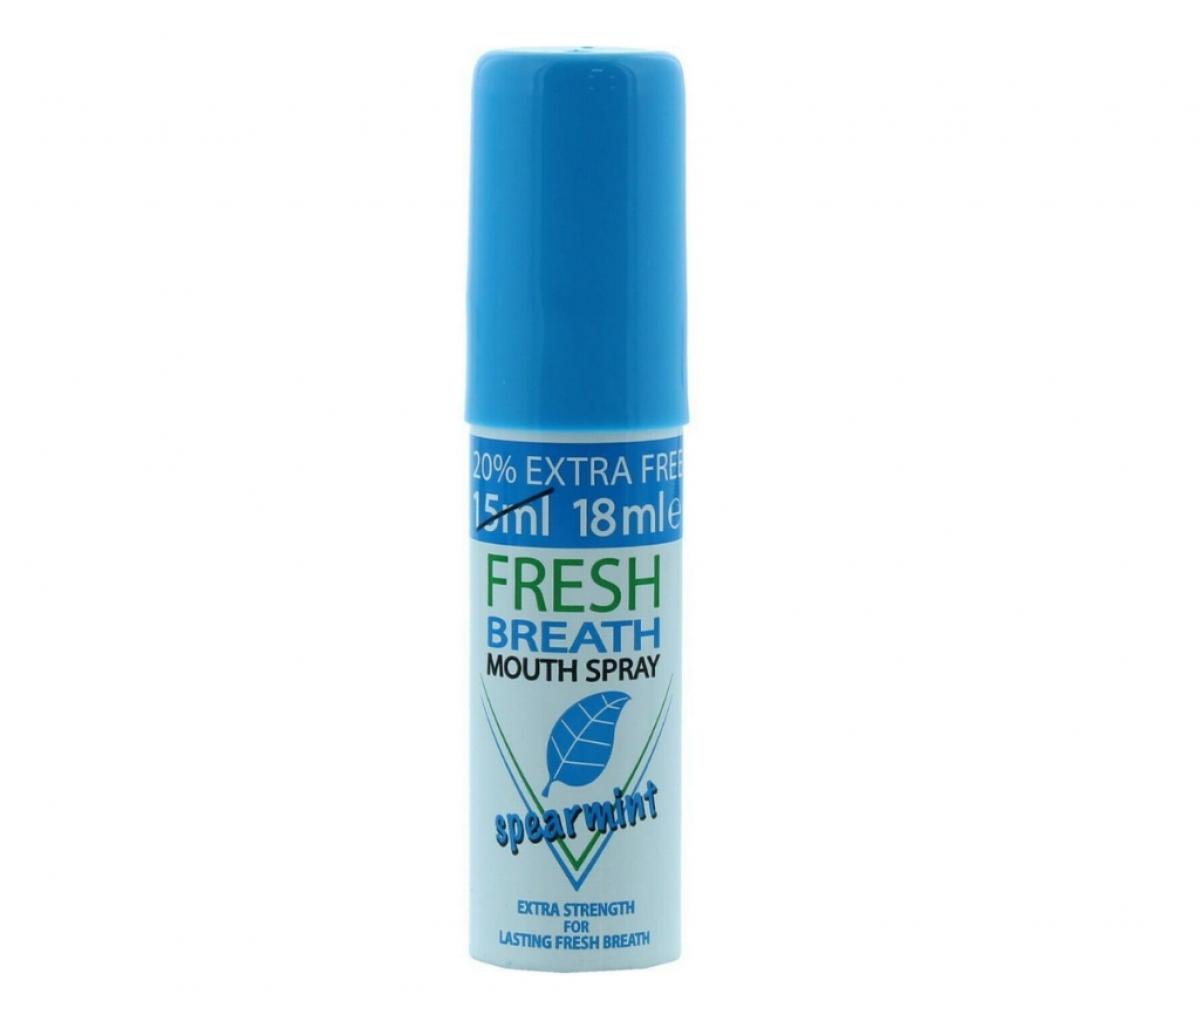 Fresh Breath Mouth Spray 18ml Spear Mint